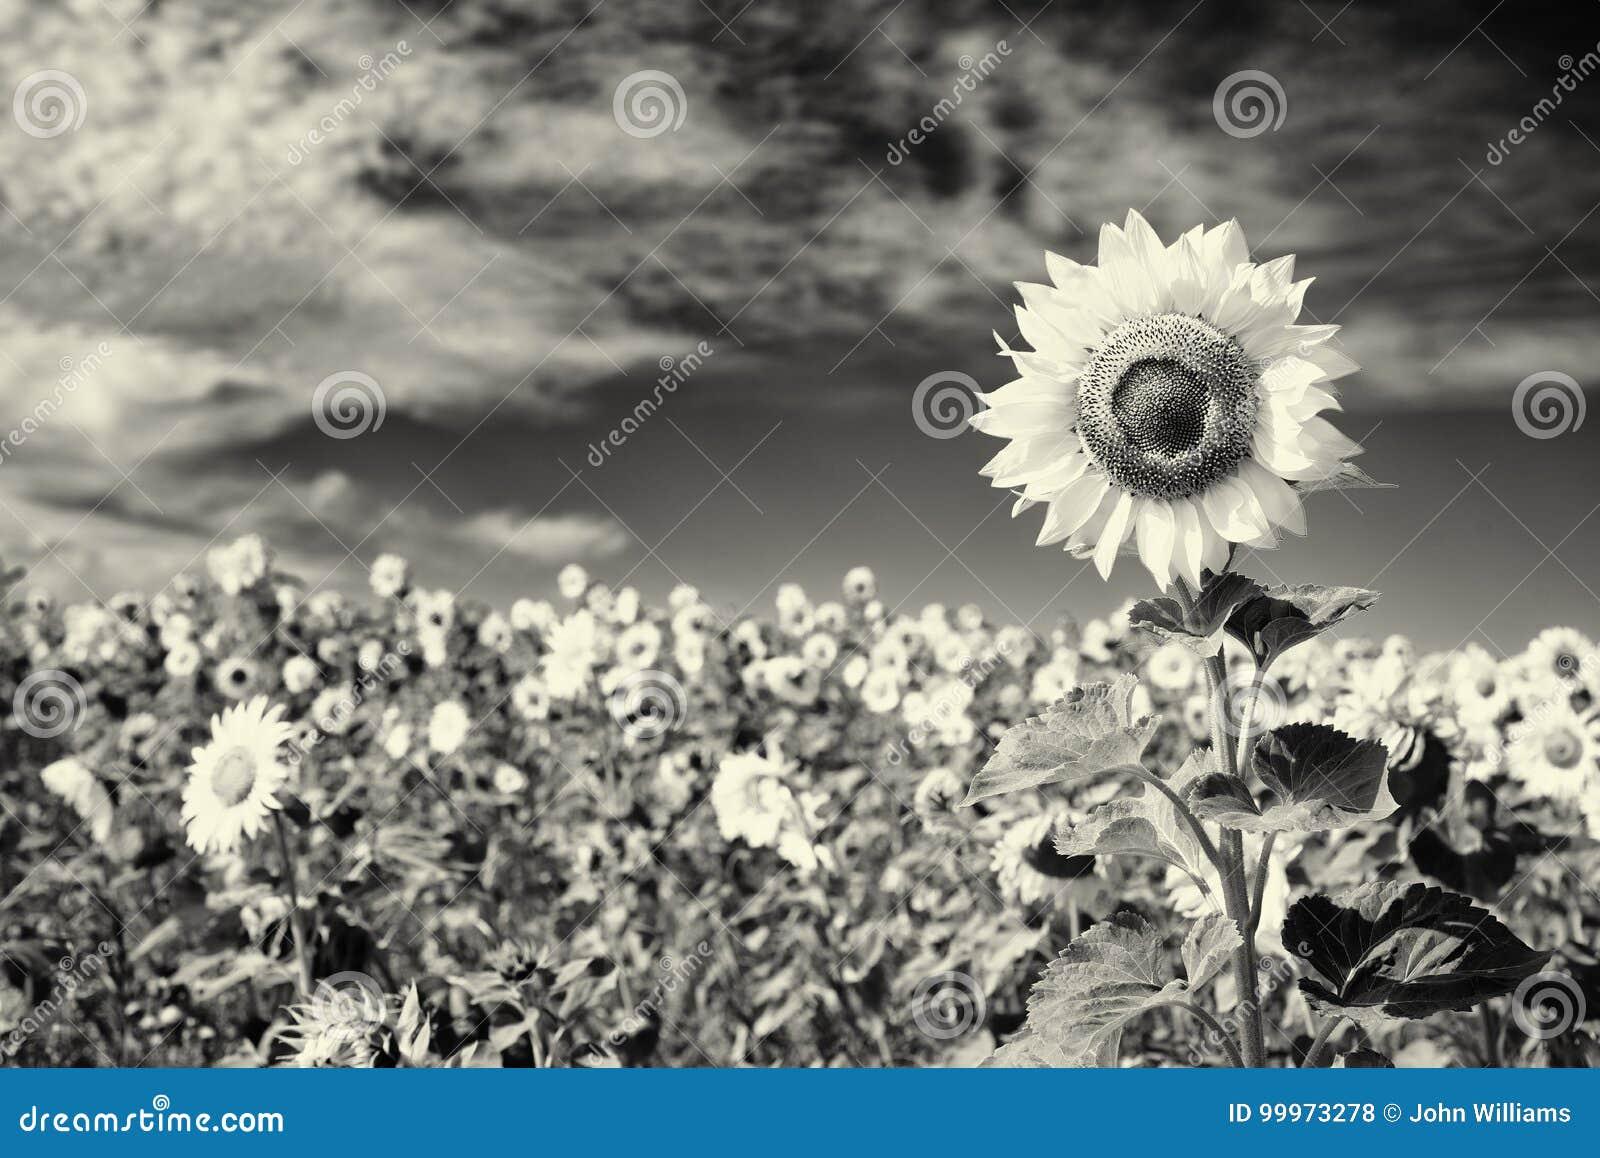 Girasol En Blanco Y Negro Foto De Archivo Imagen De Flor 99973278